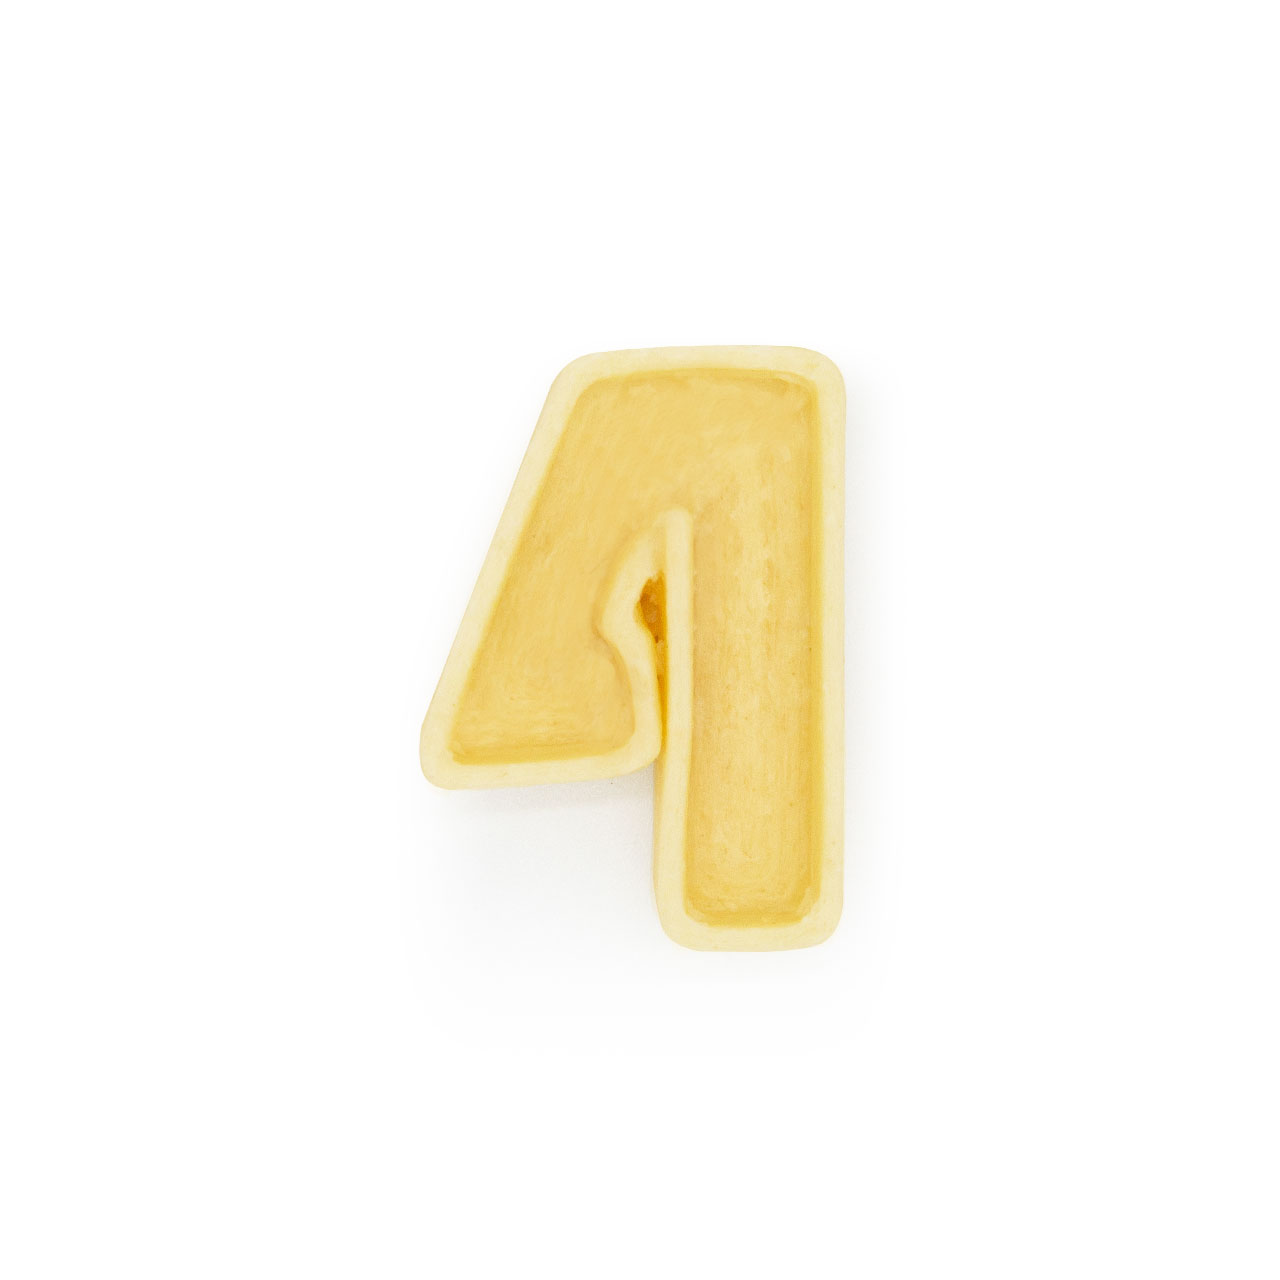 Numero 4 di pasta